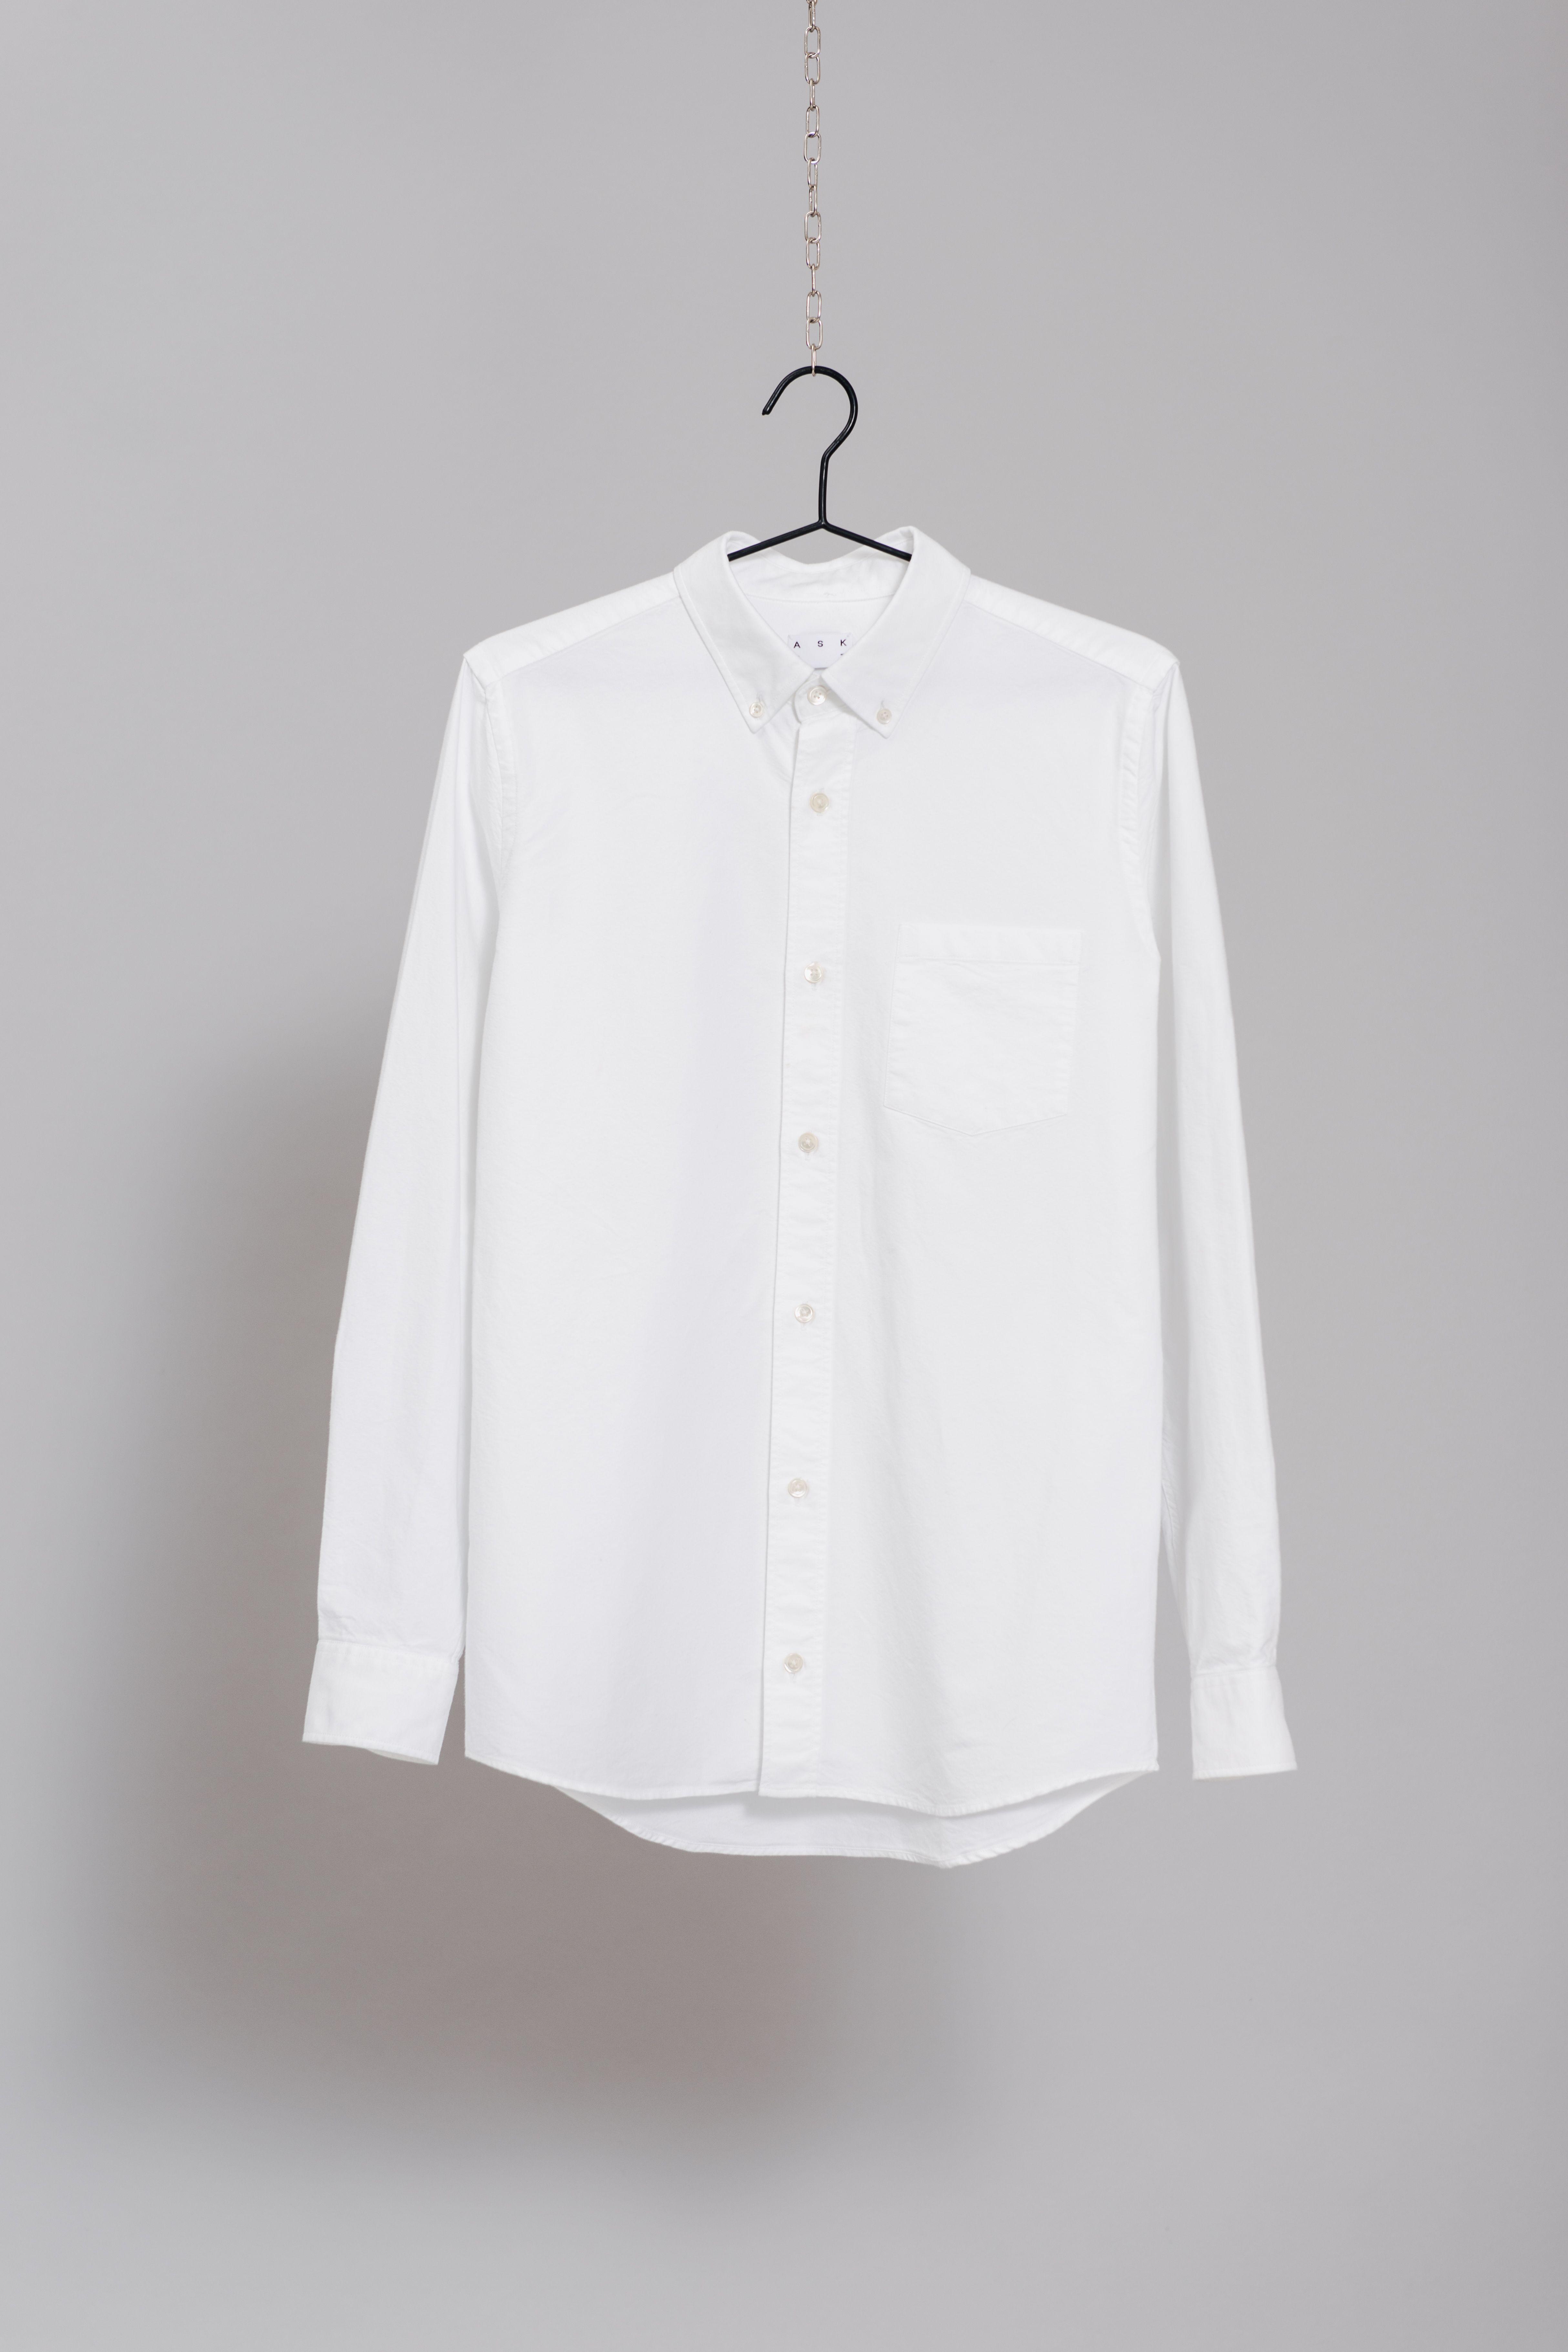 e90ce3188e2 The White Oxford Shirt  asket